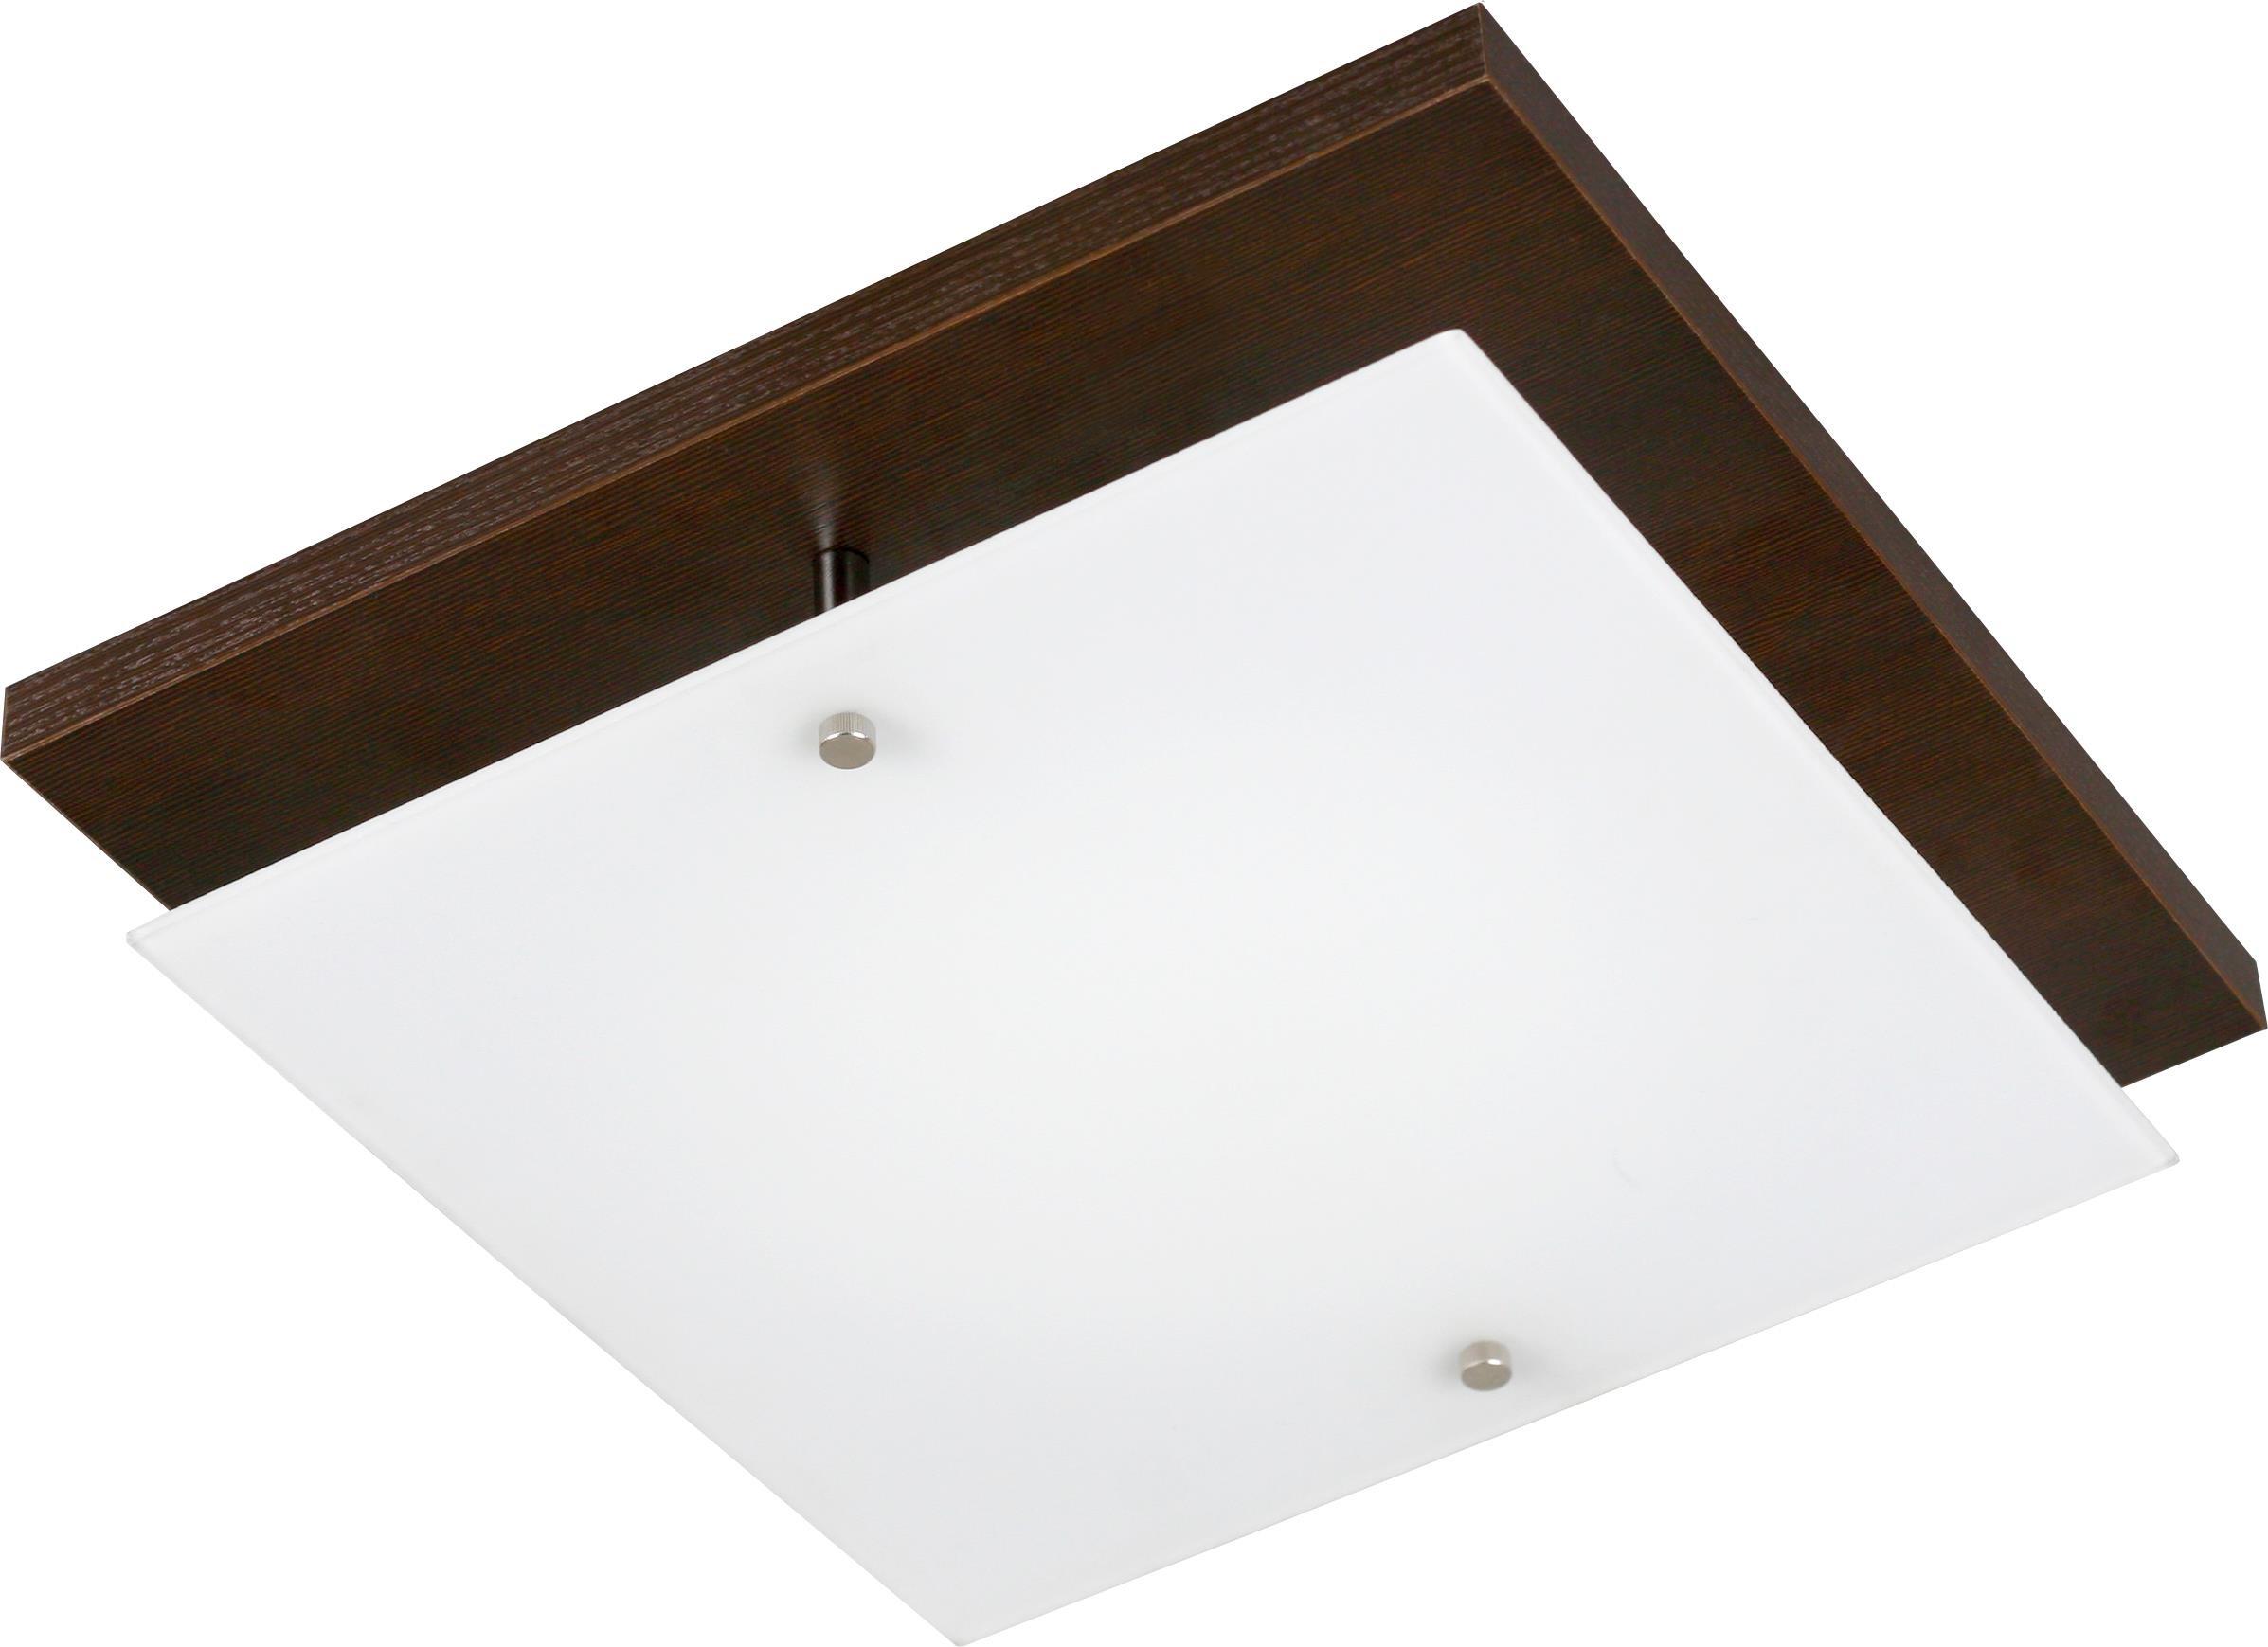 Lampex Plafon Vetro D36 Wenge 197/D36 WEN